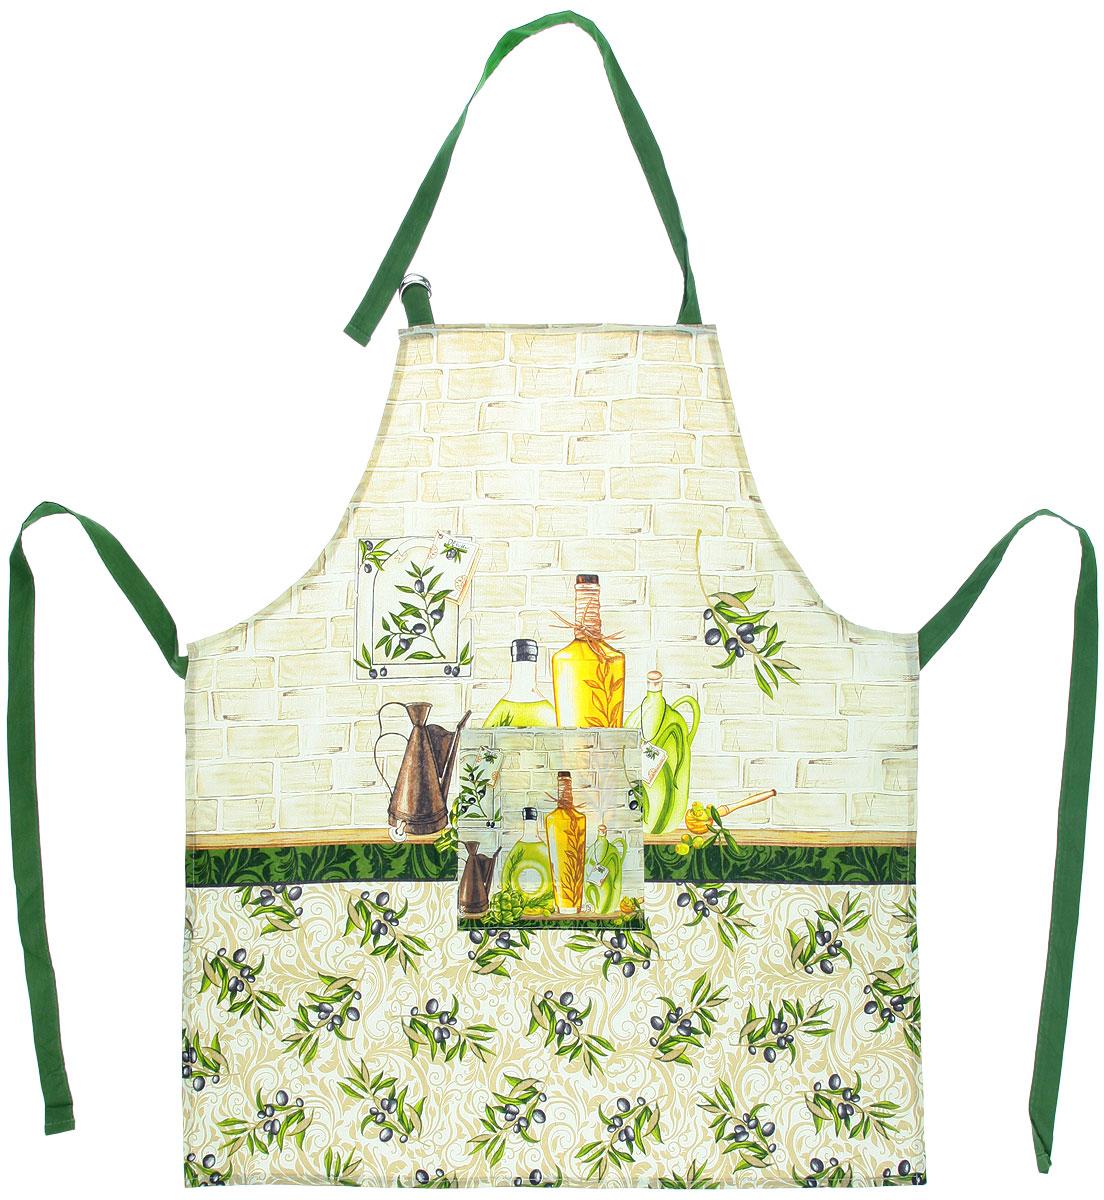 Фартук Bon Appetit Olive, 68 см х 75 см57548Фартук Bon Appetit Olive, изготовленный из натурального 100% хлопка, оснащен карманом и регулируемым шейным ремешком, который поможет подогнать фартук по вашему росту. Удлиненный пояс можно завязать сзади или обернуть вокруг талии. Такой фартук поднимет настроение, позволит почувствовать себя нарядной и женственной при выполнении домашних дел.